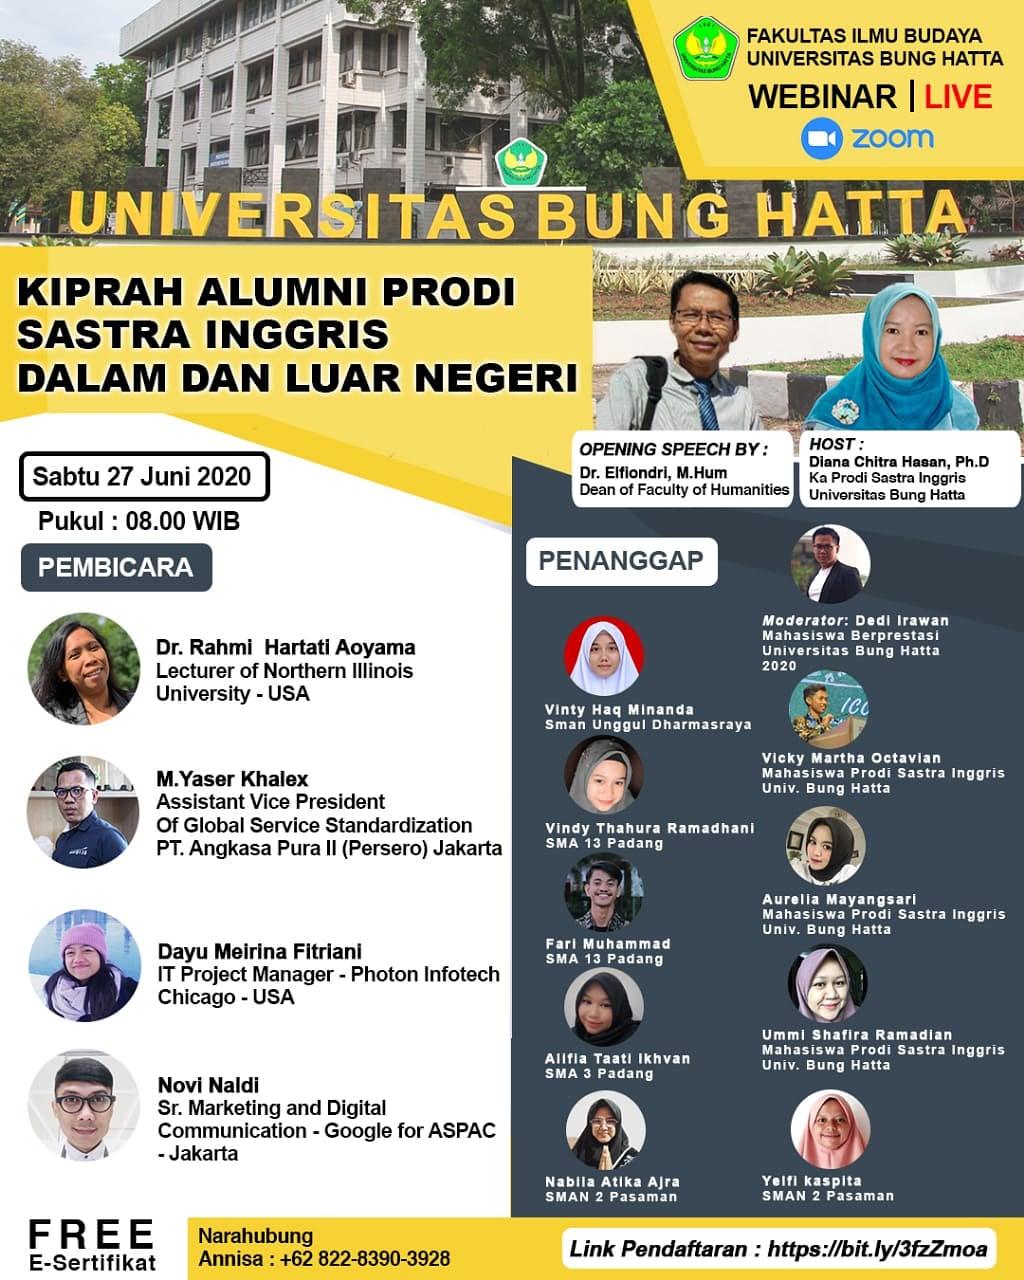 Webinar Sastra Inggris Fakultas Ilmu Budaya Universitas Bung Hatta